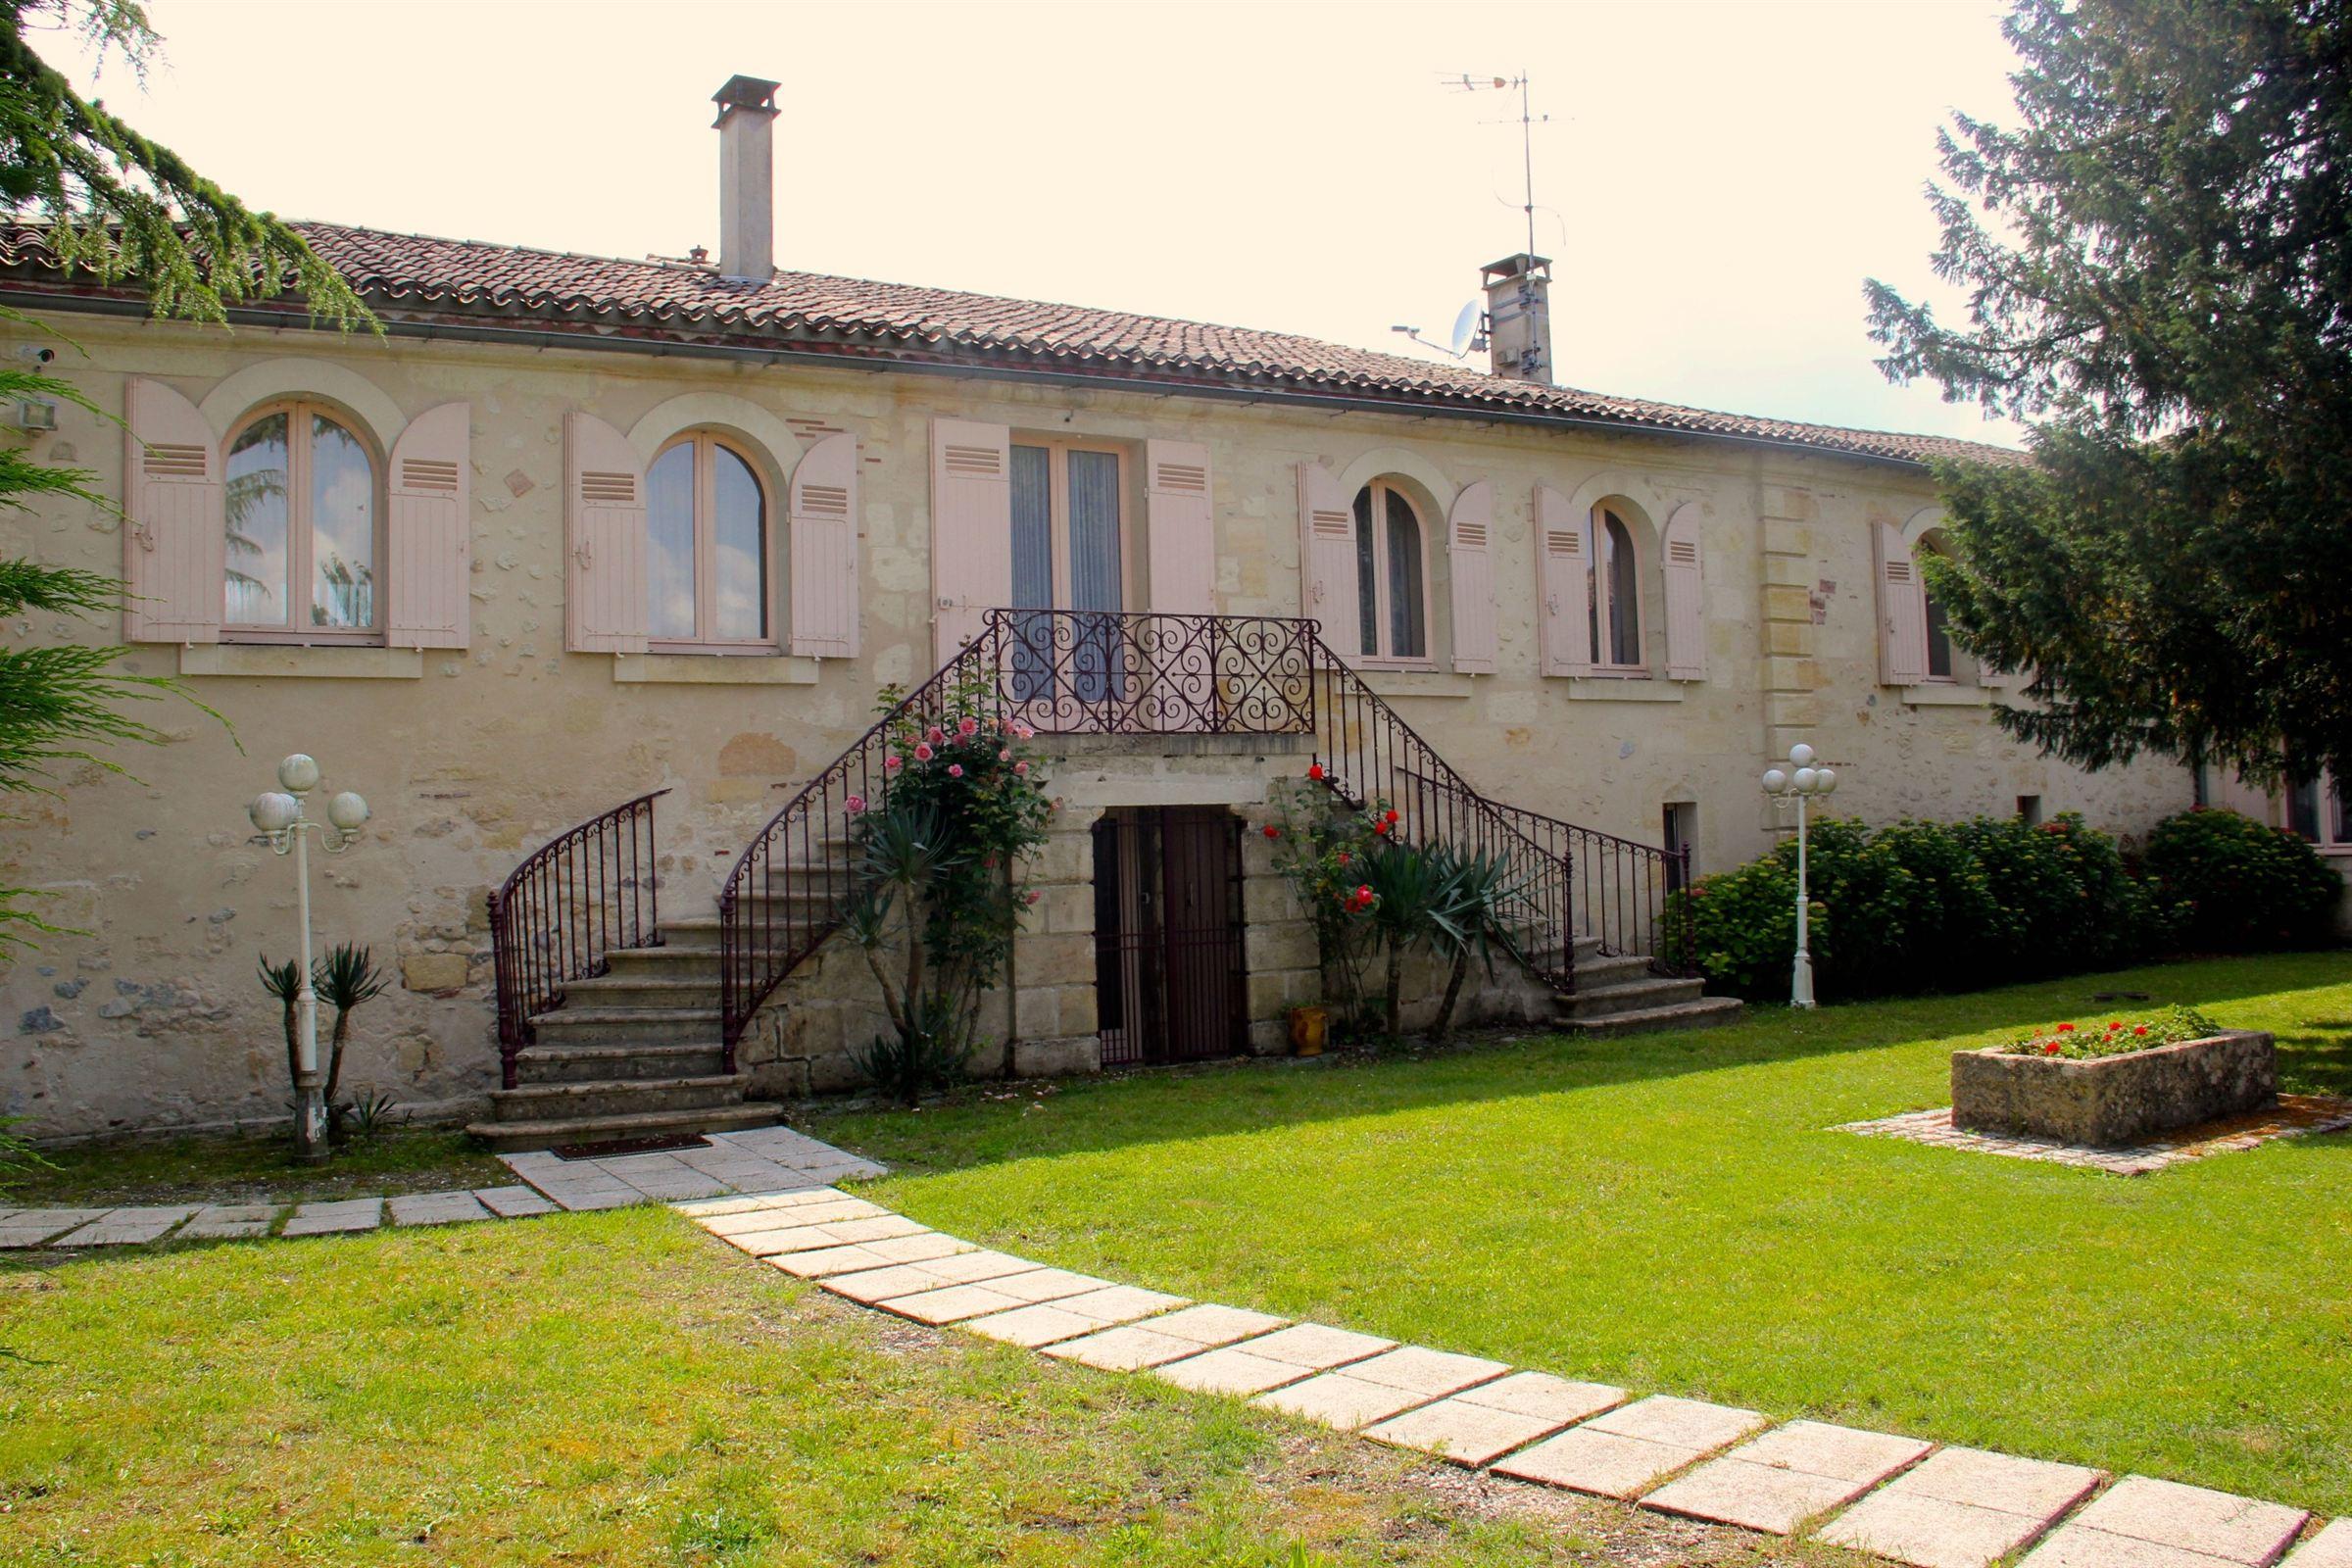 Maison unifamiliale pour l Vente à BORDEAUX LEFT BANK – 15 k FROM BORDEAUX – FORMER 13 HA WINERY Bordeaux, Aquitaine, 33000 France